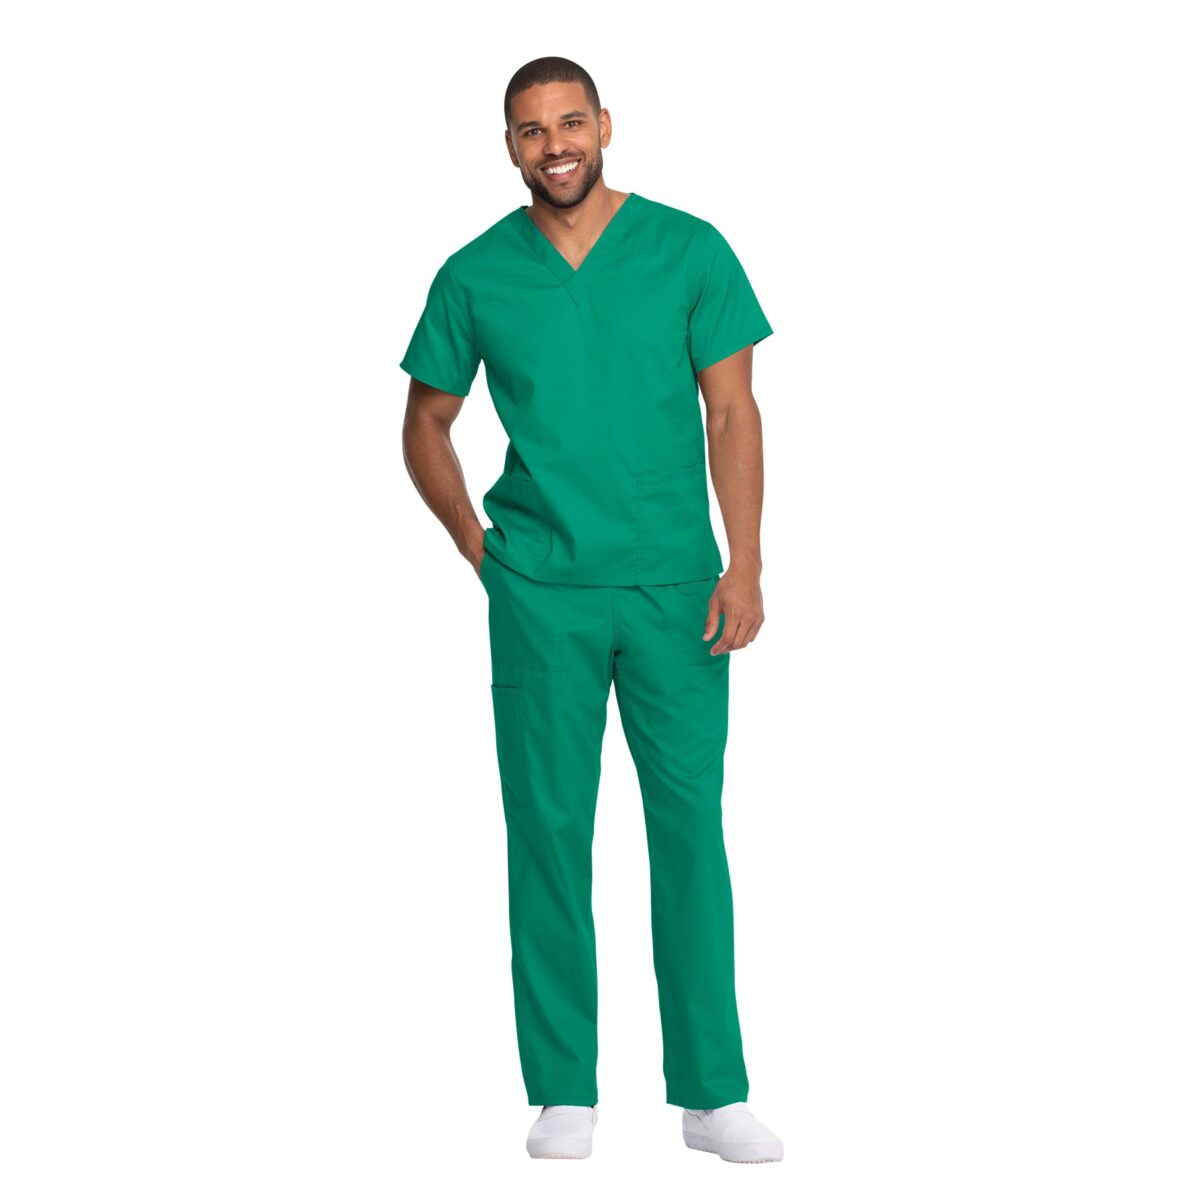 Мужской медицинский костюм Dickies цвет зеленый